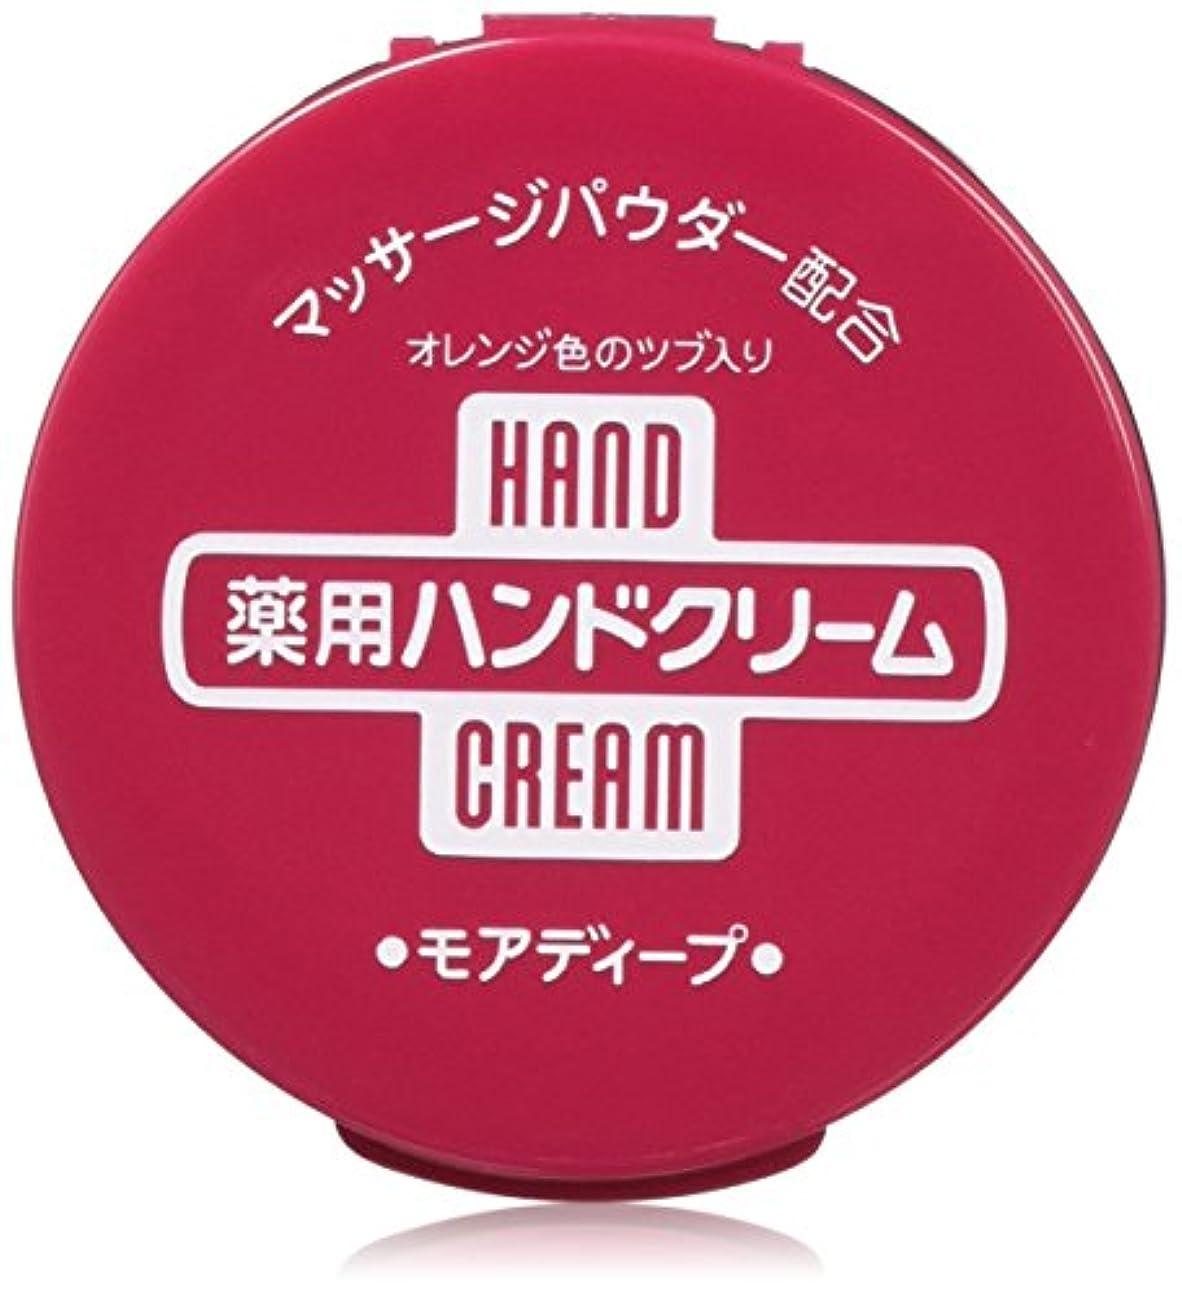 規模ビーチ粗い【まとめ買い】薬用ハンドクリーム モアディープ 100g×12個